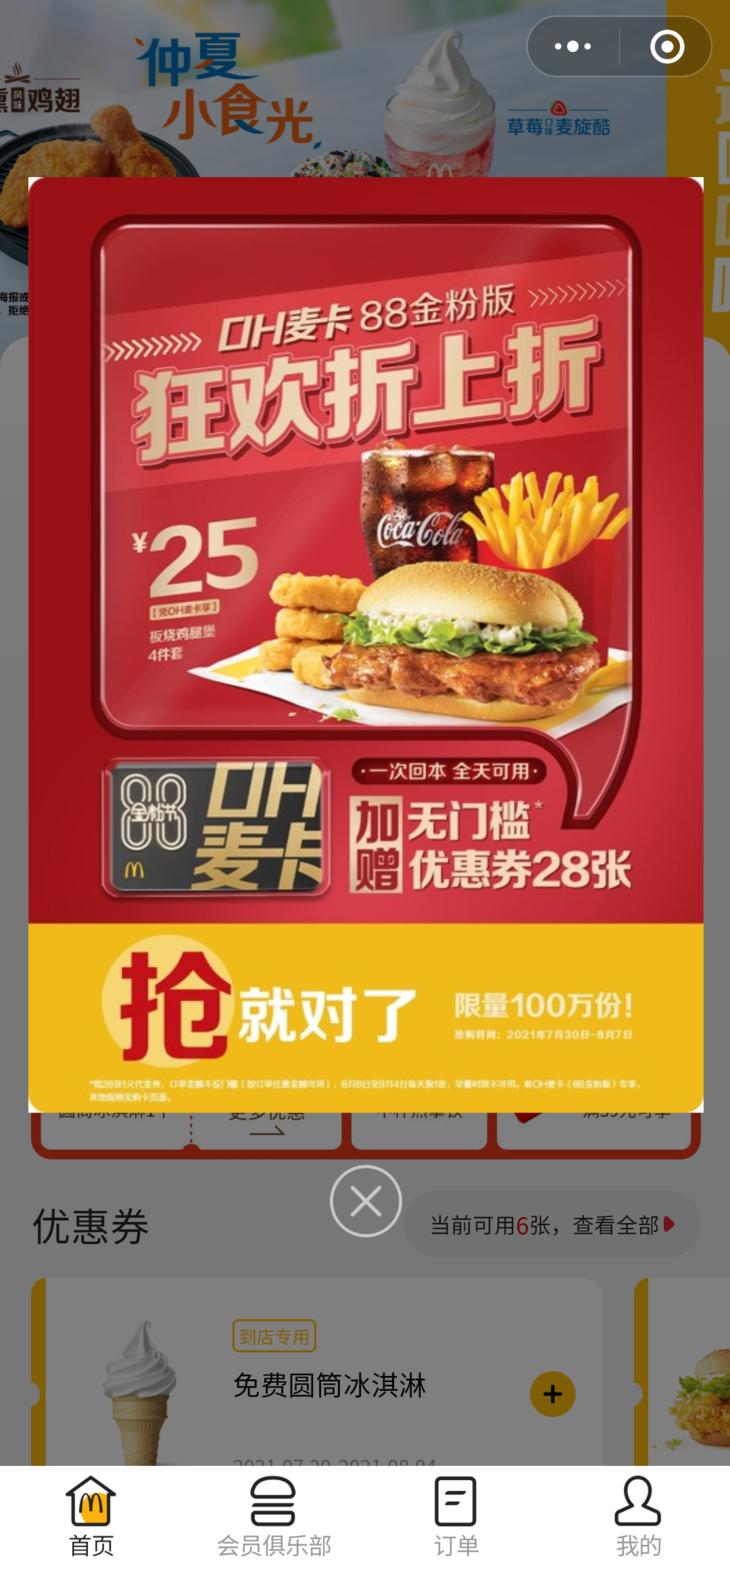 线上新店开张,不知如何下手经营?来跟麦当劳学做线上店铺运营